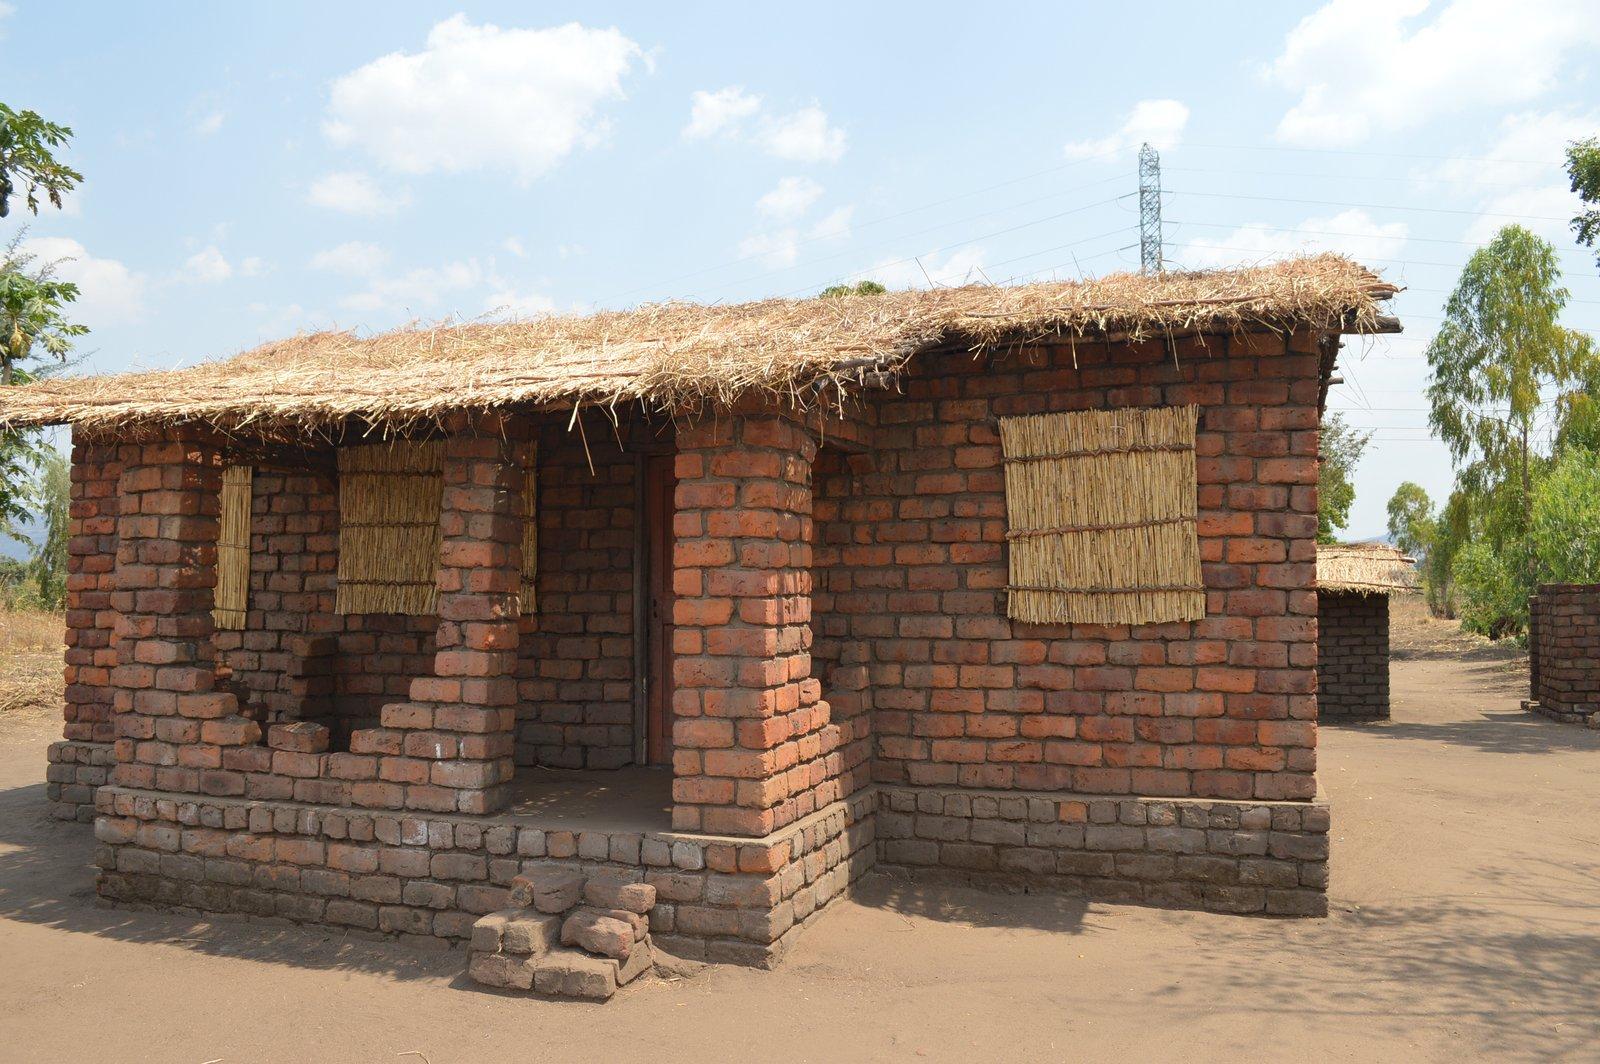 Kalitsilo, Ntcheu (1).JPG